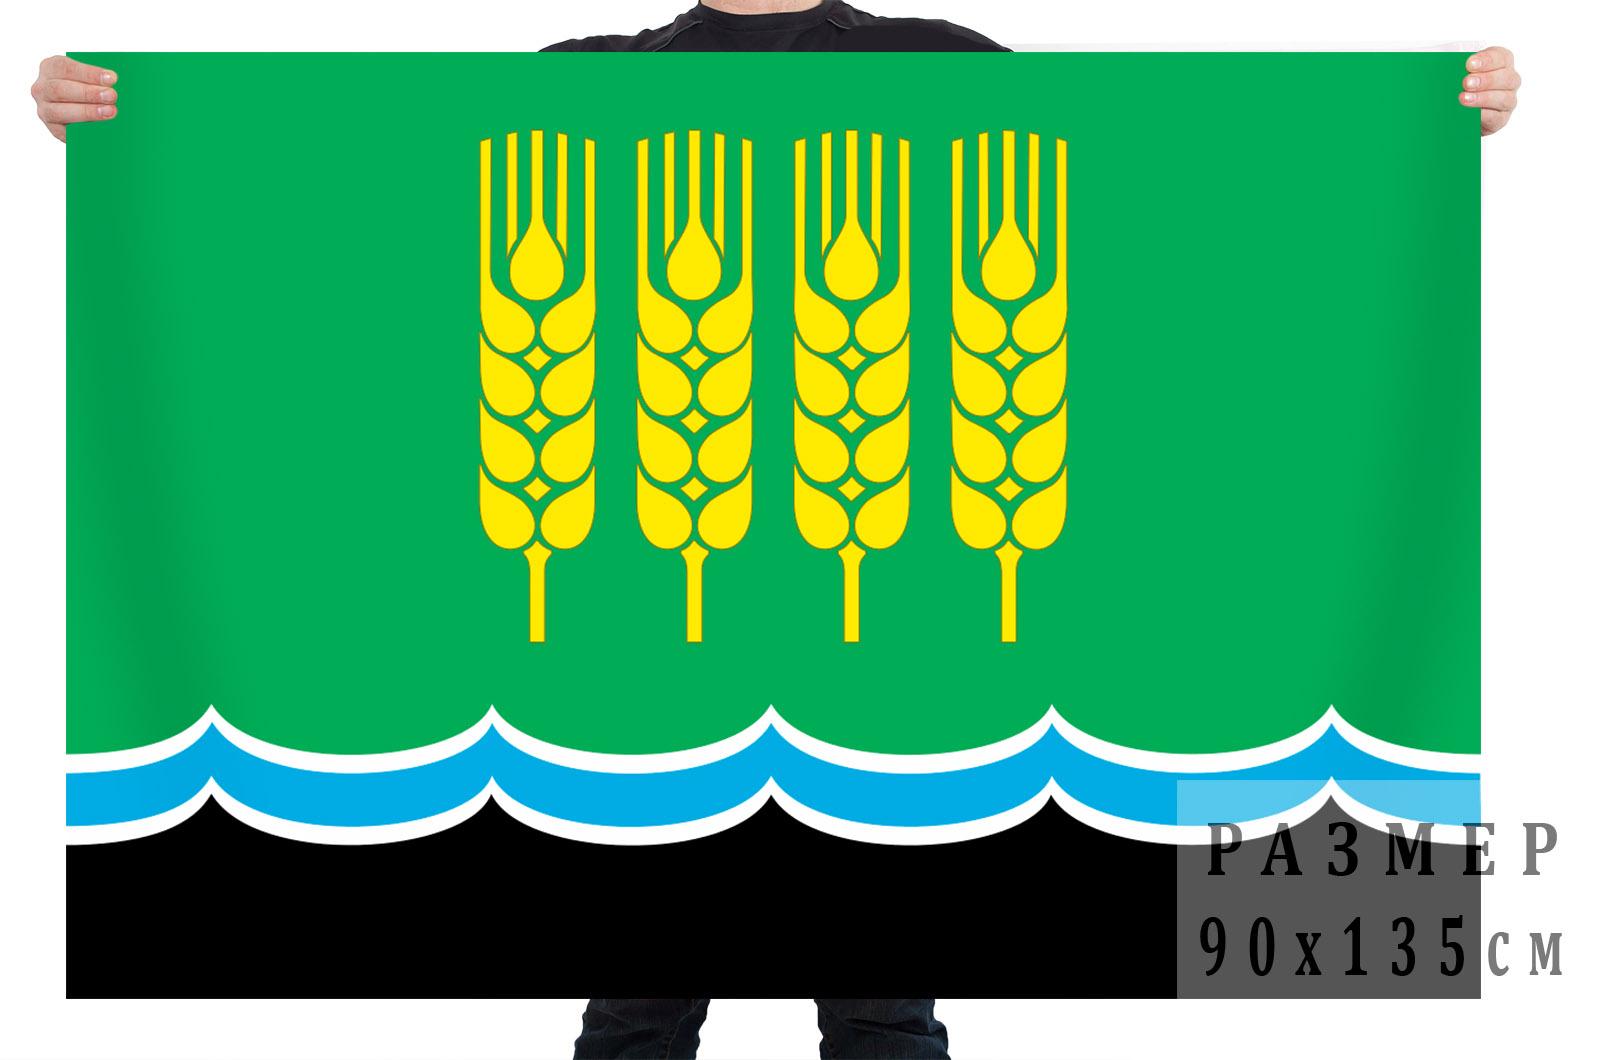 Флаг Дюртюлинского района Республики Башкортостан